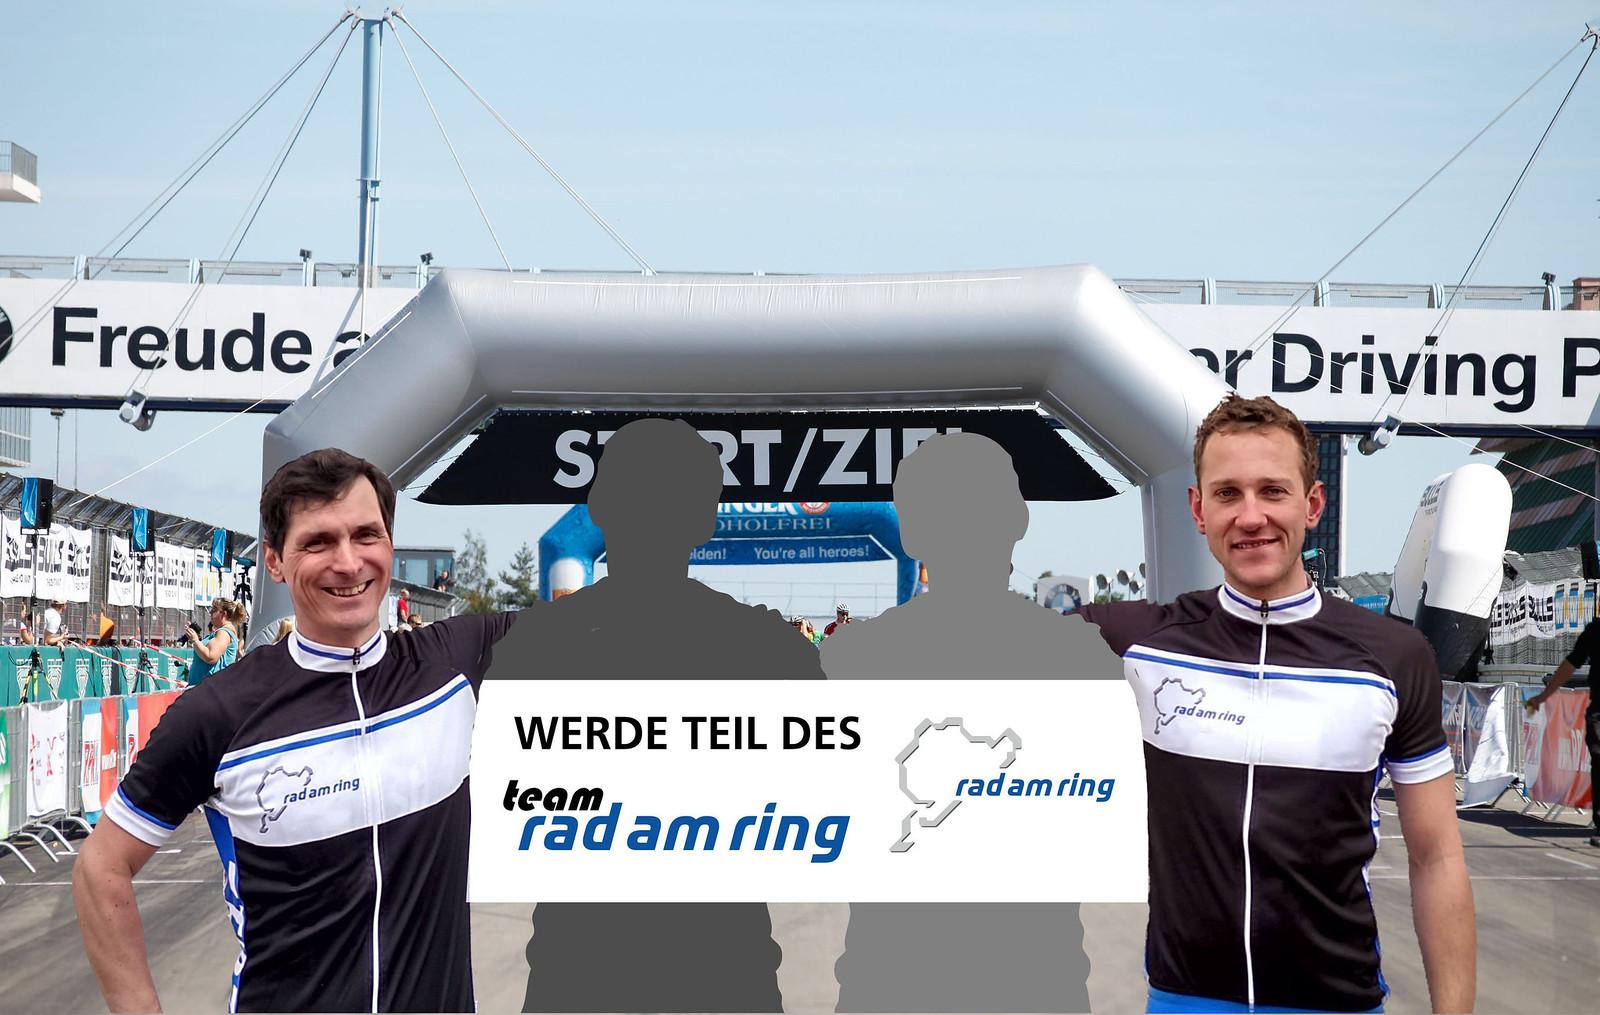 werde_teil_von_team_rar-1